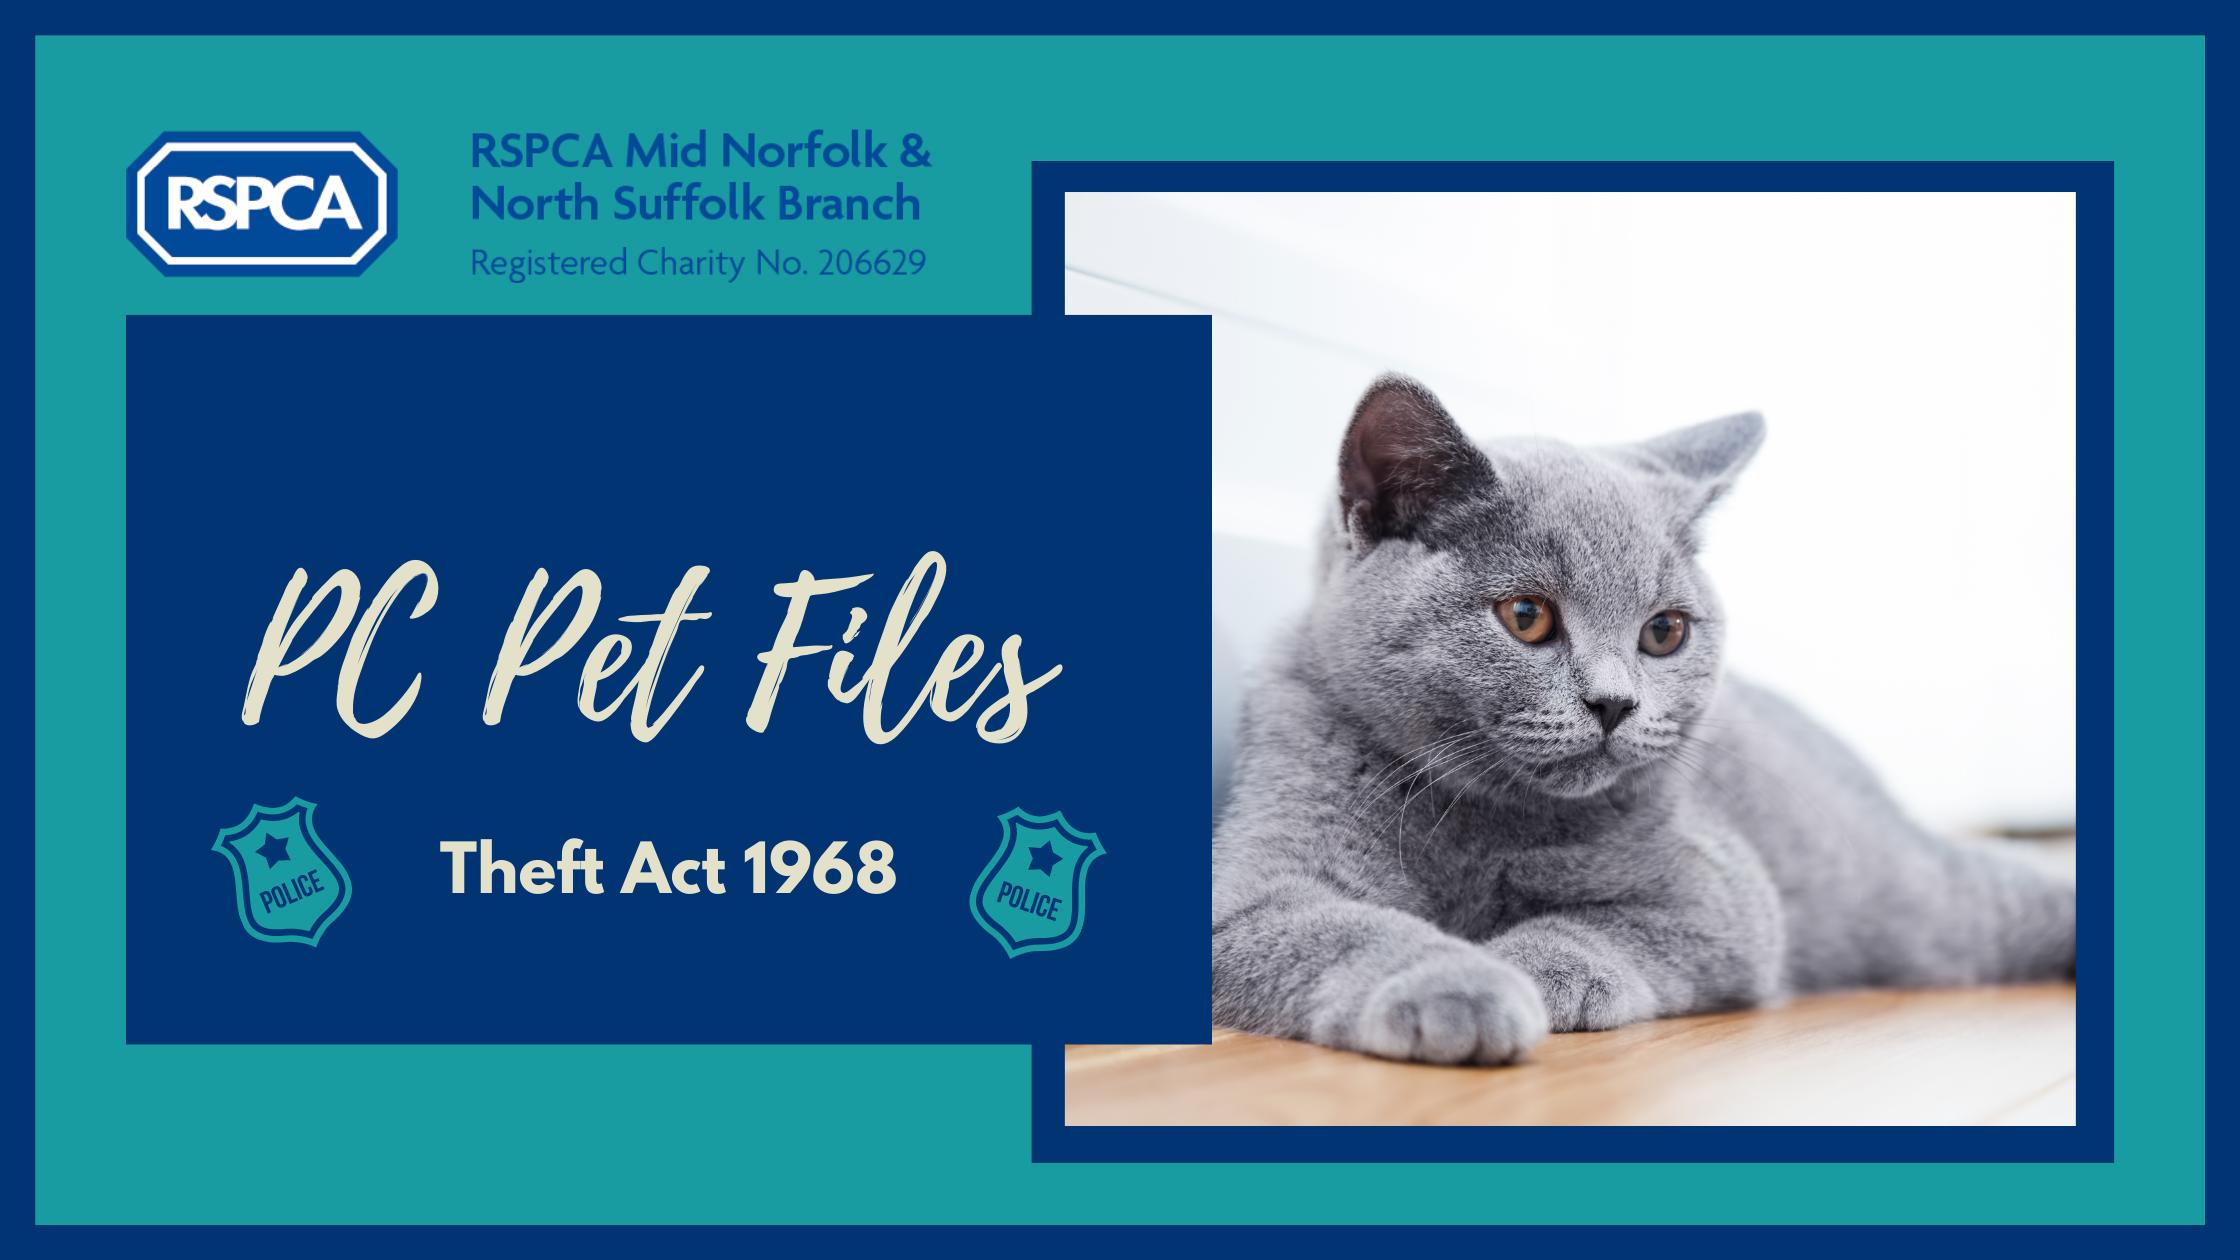 PC Pet files- Theft Act 1968